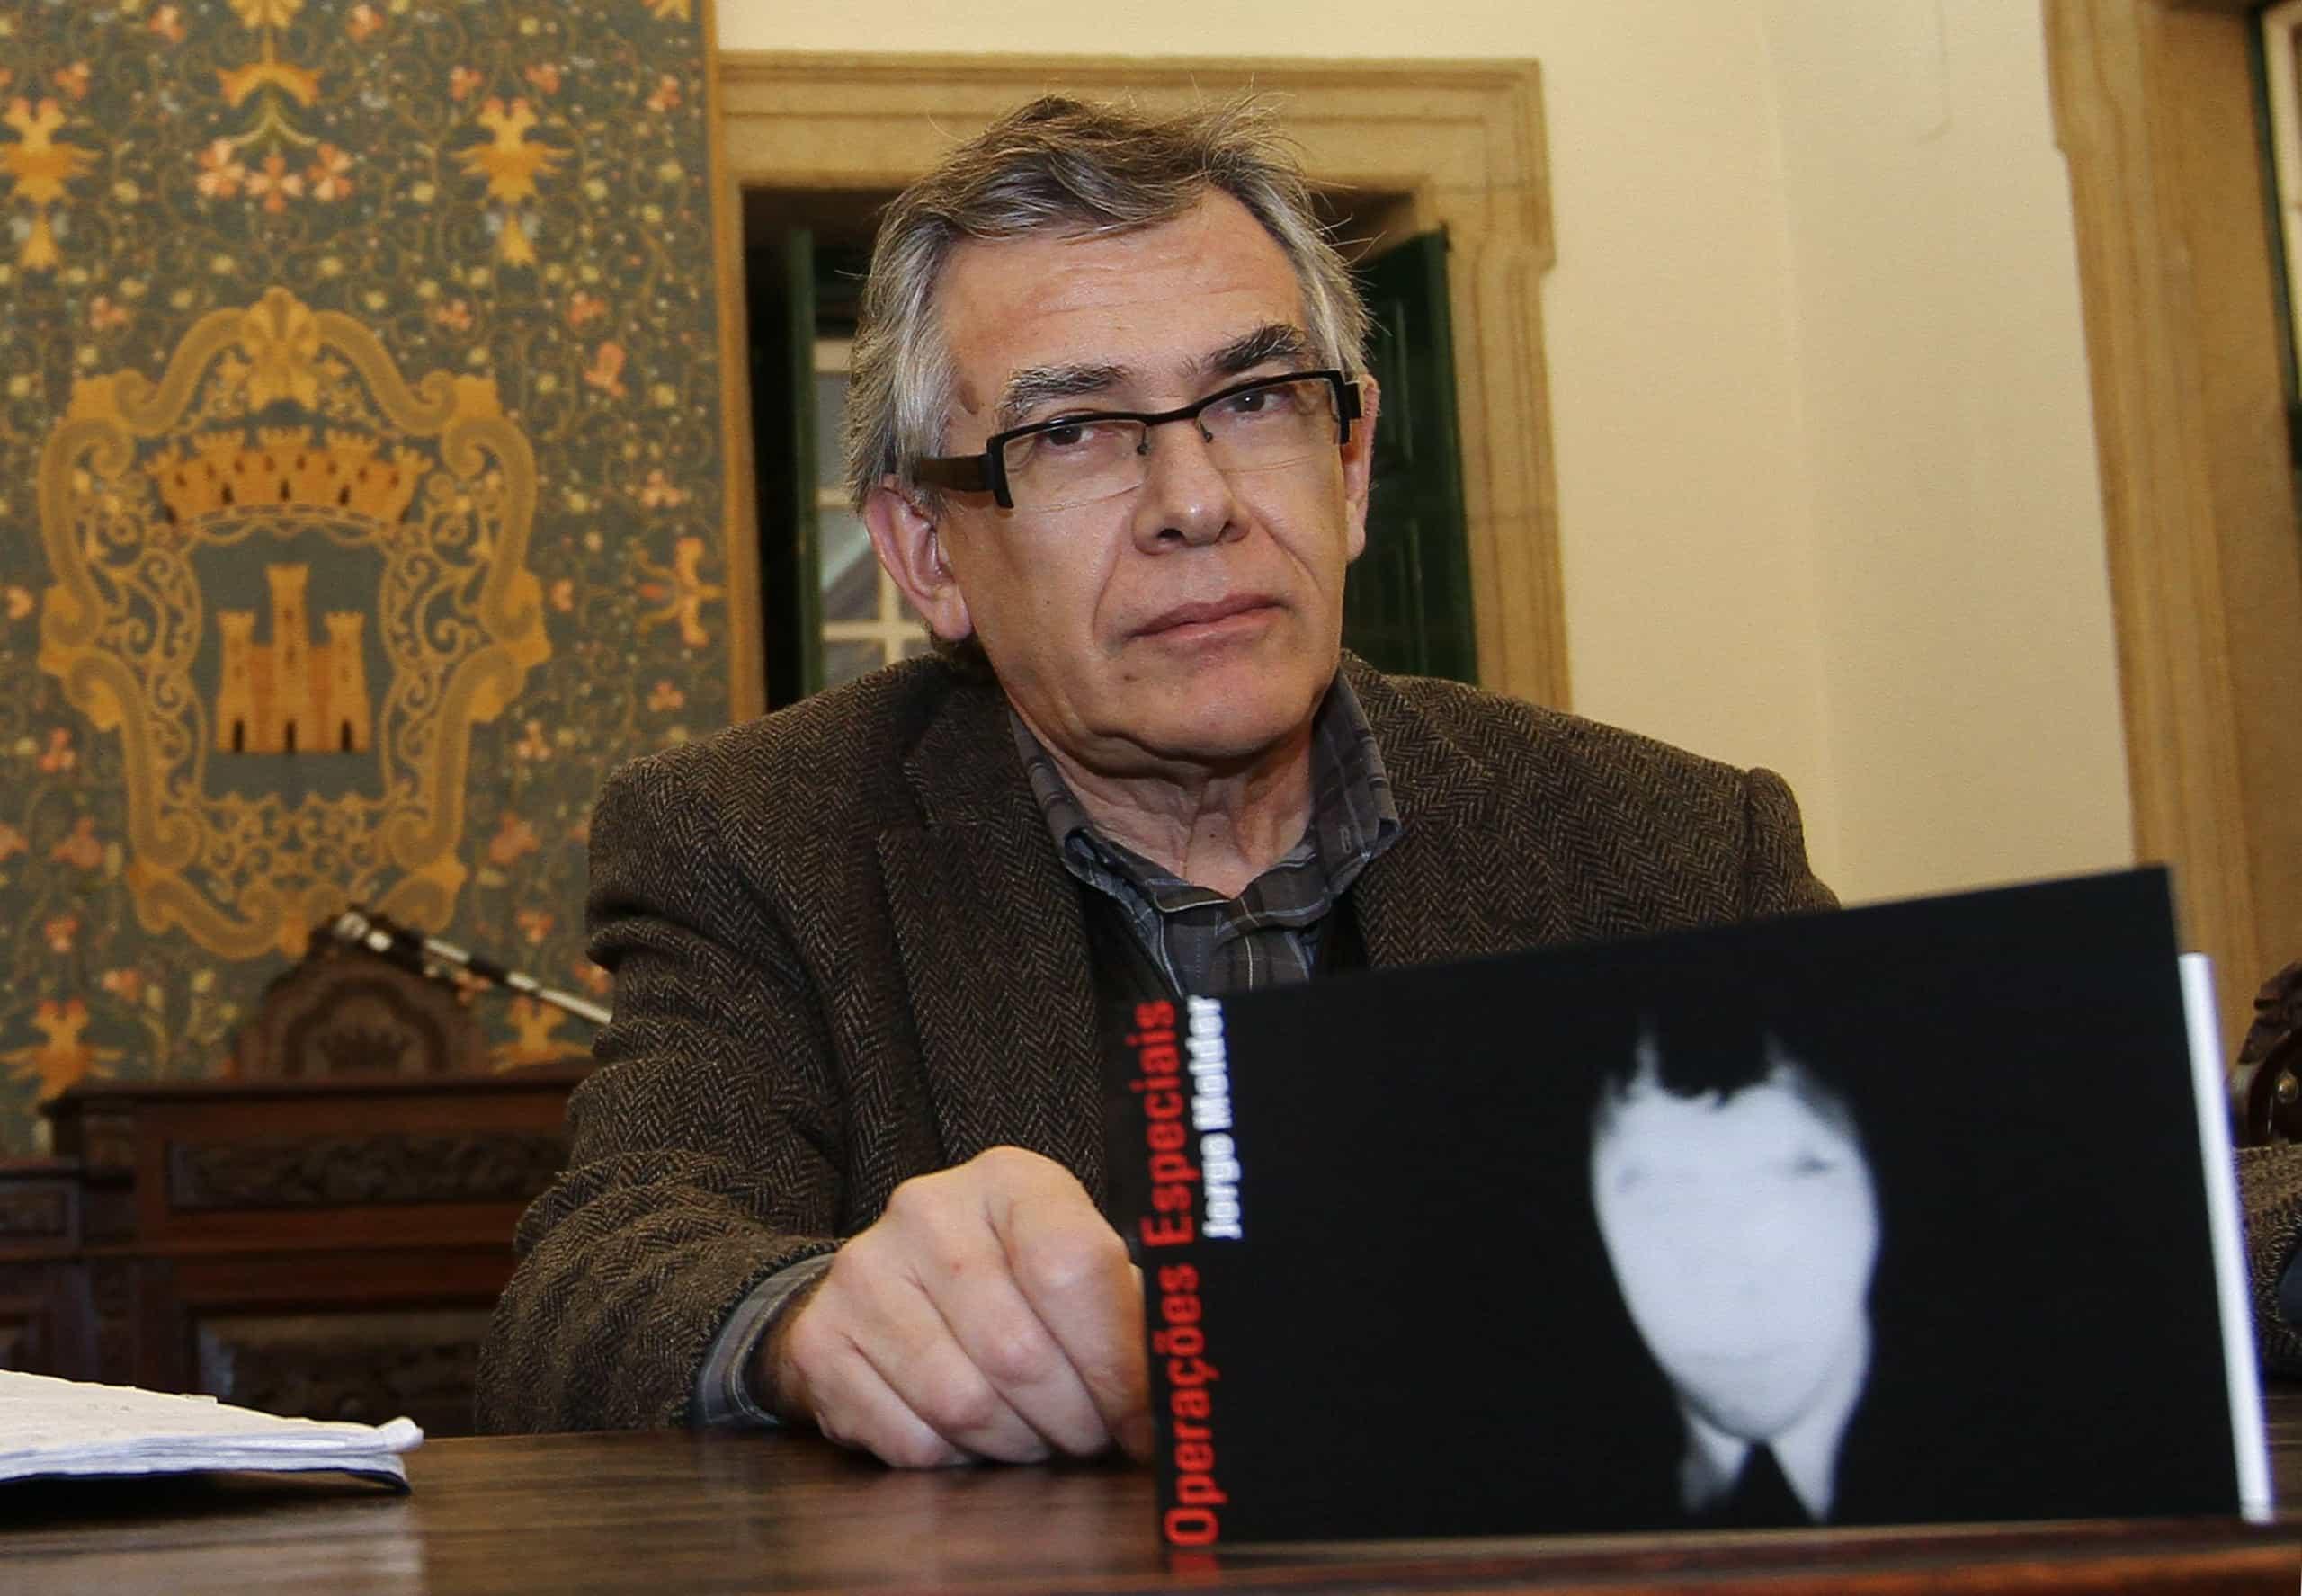 Jorge Molder apresenta novas obras na exposição 'Jeu de 54 Cartes'